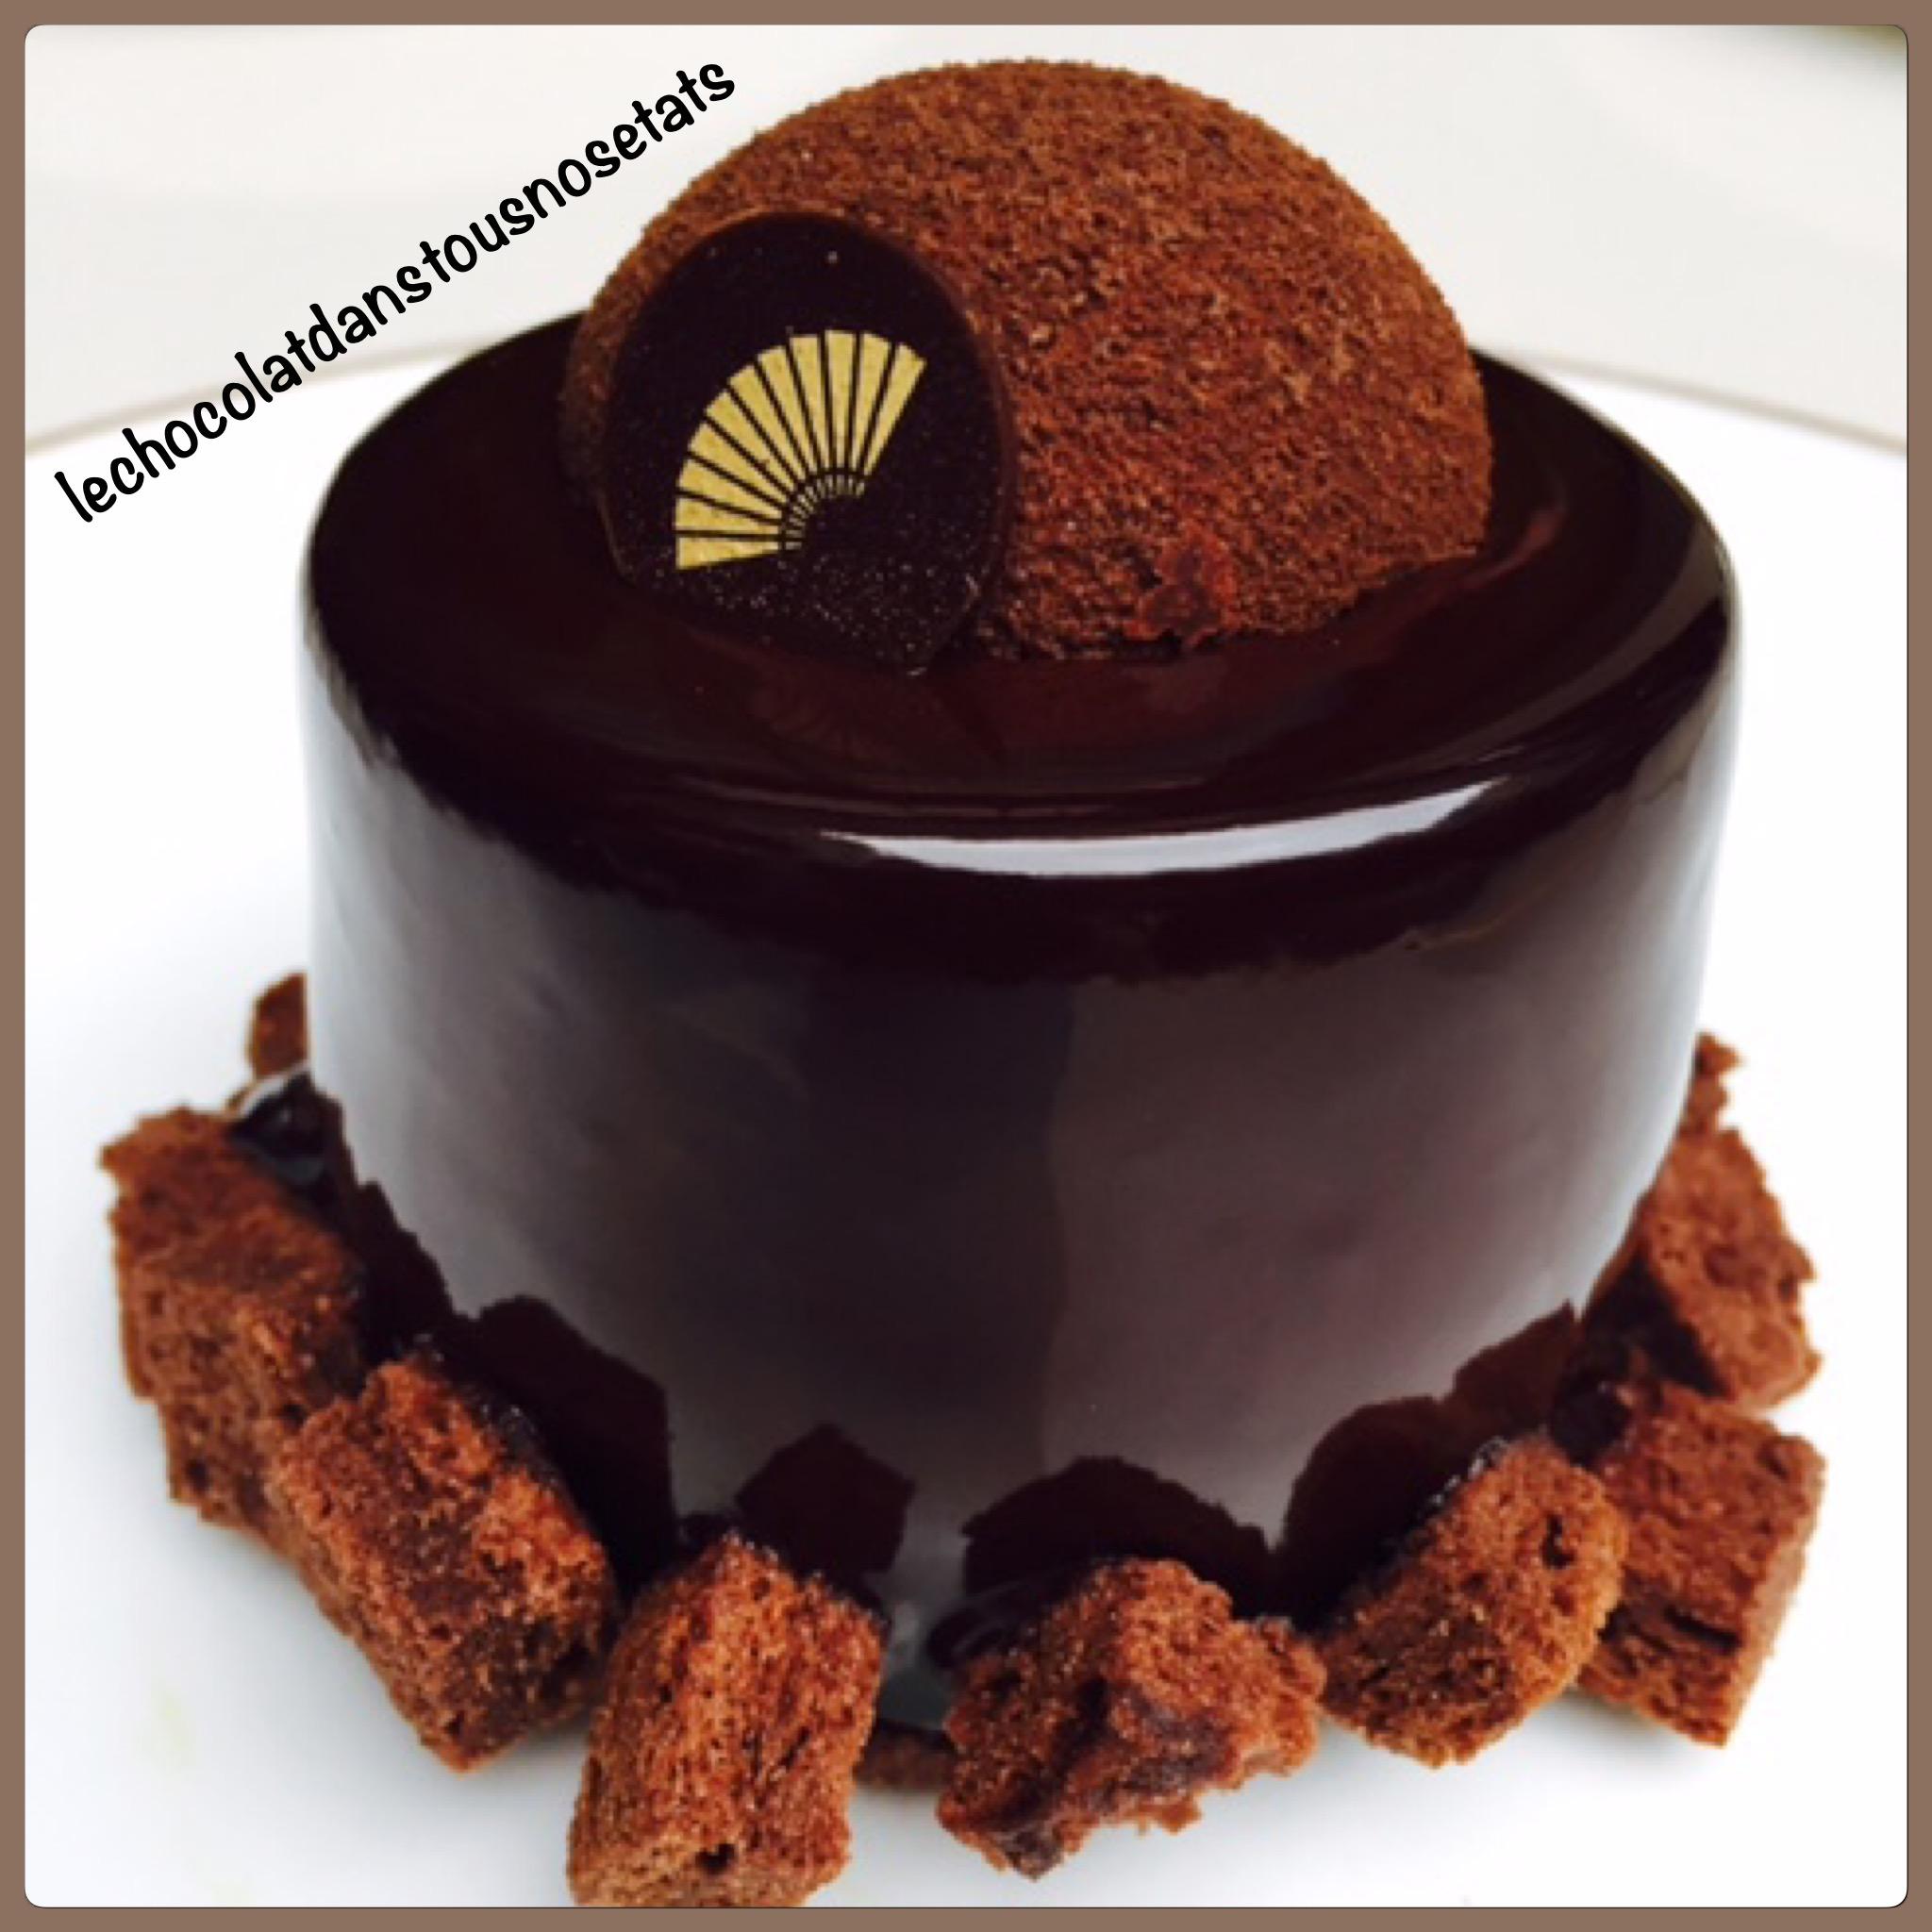 Le Trio de choux, une pâte à choux recouverte d\u0027un léger craquelin et trois  choux  le premier est fait d\u0027une crème pâtissière au chocolat, le second  est au